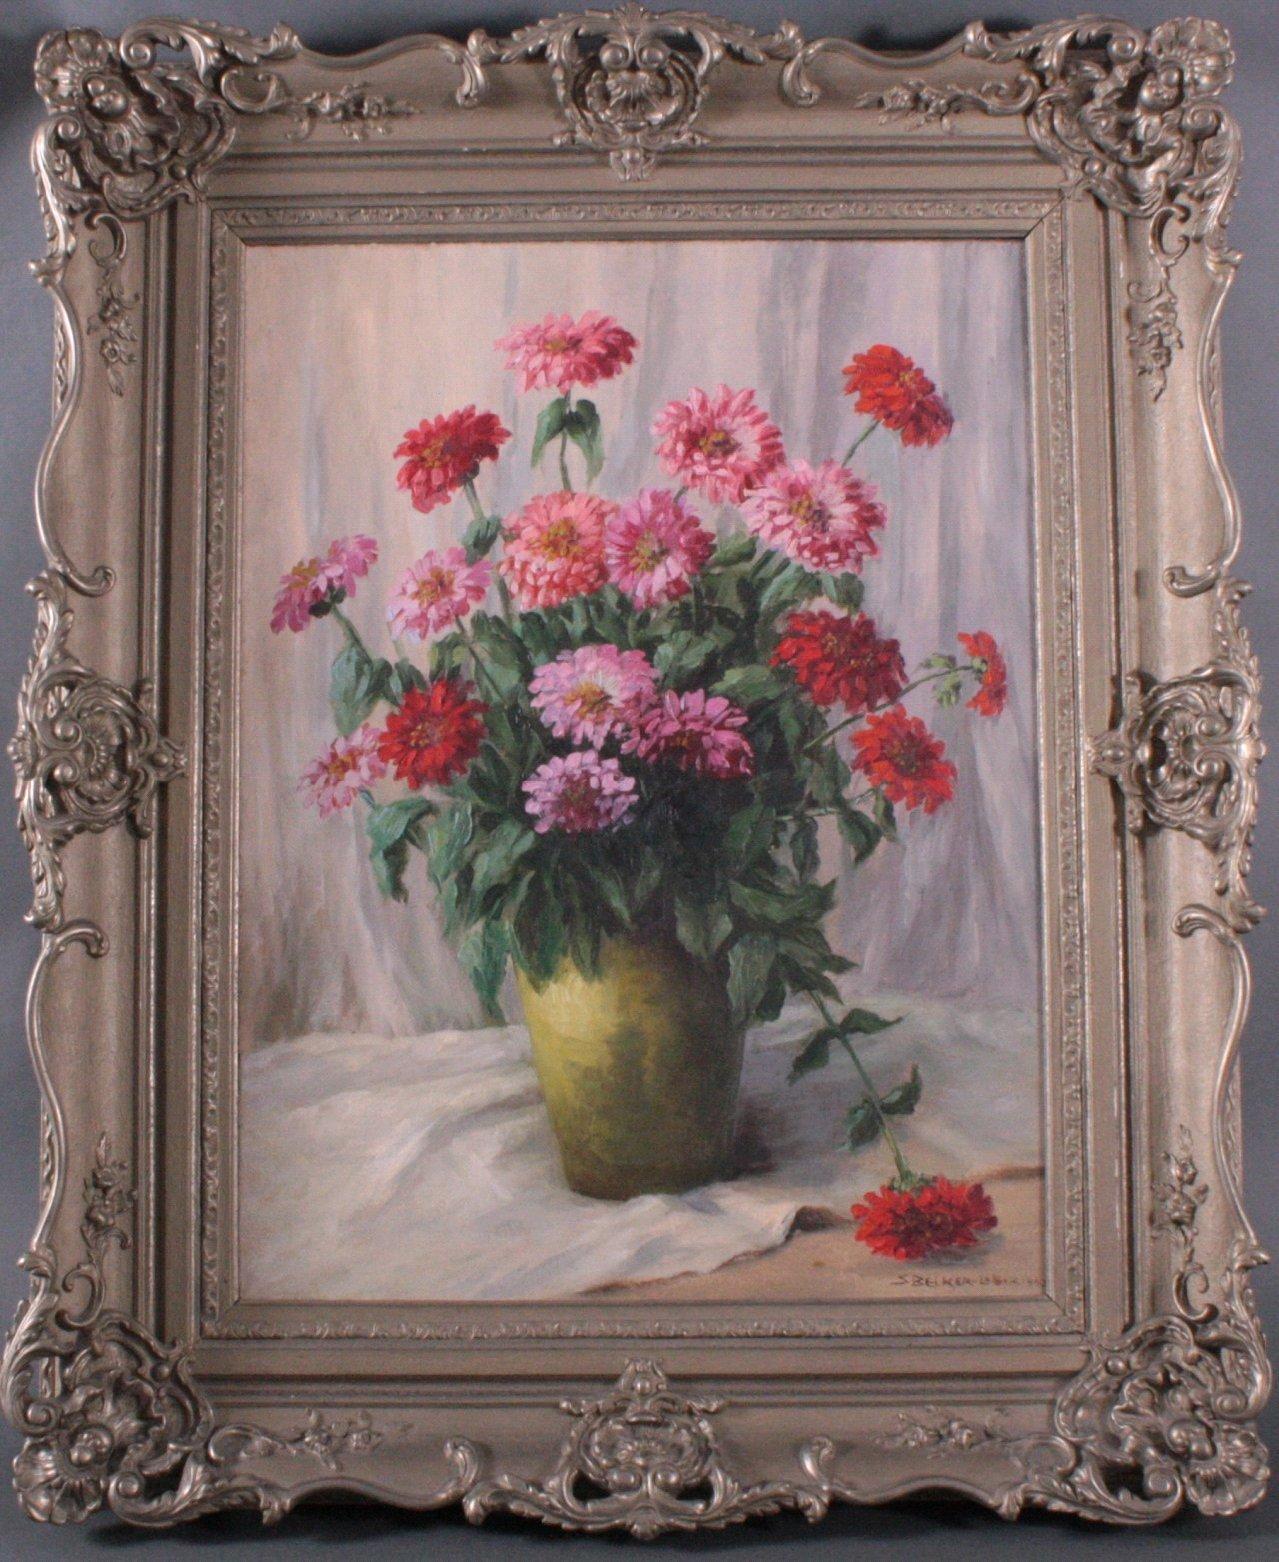 Sophia Becker-Leber, (1869-1952)